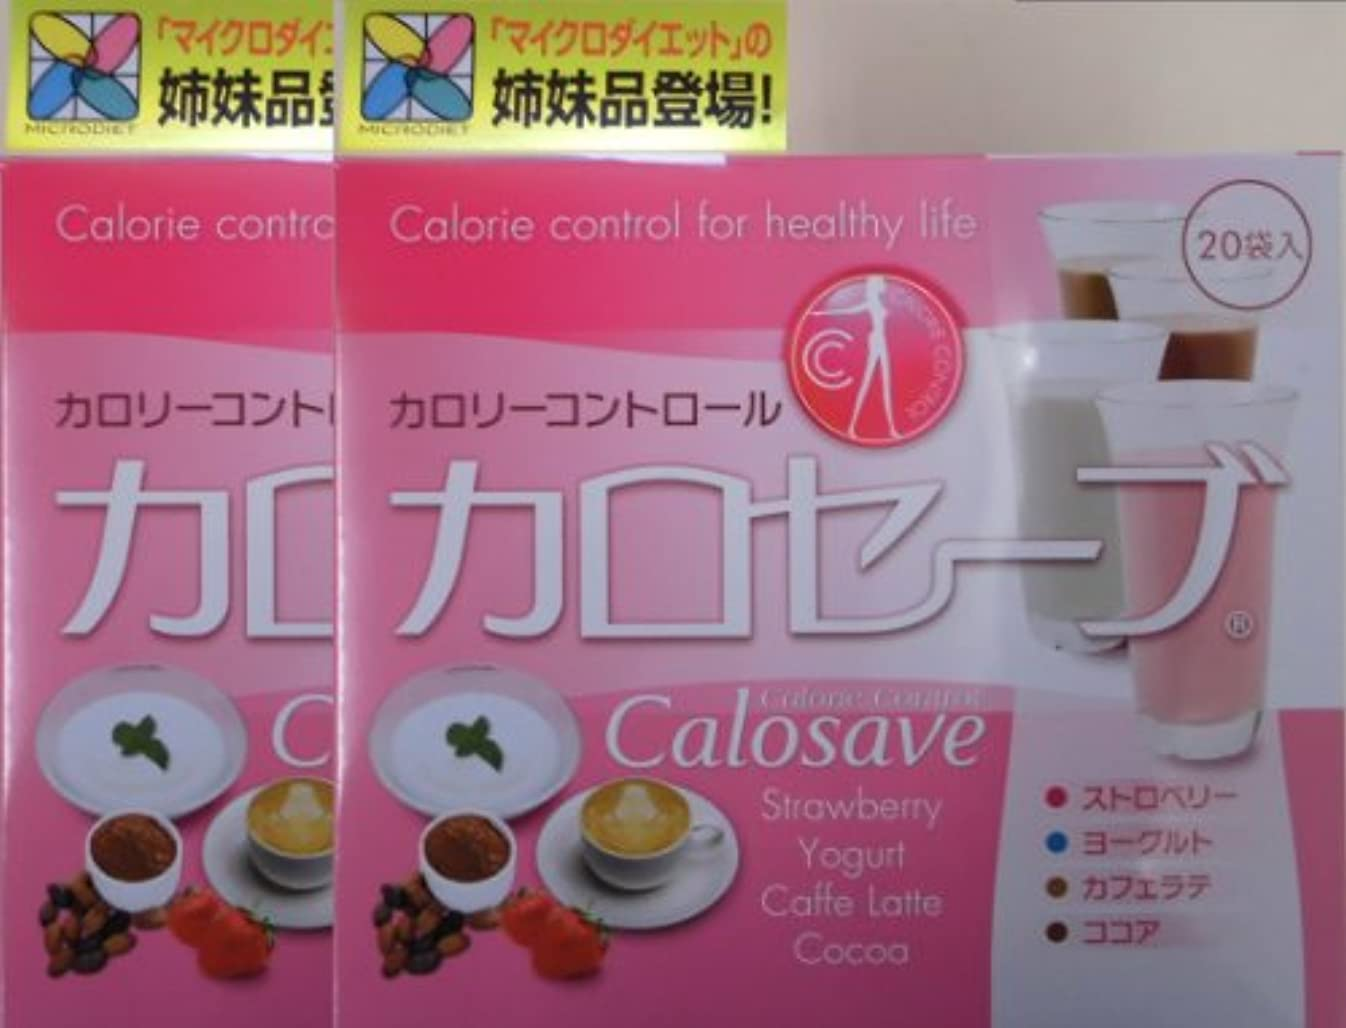 フェローシップ関連付ける精査するカロセーブ 20袋×2個セット マイクロダイエットの姉妹品登場!